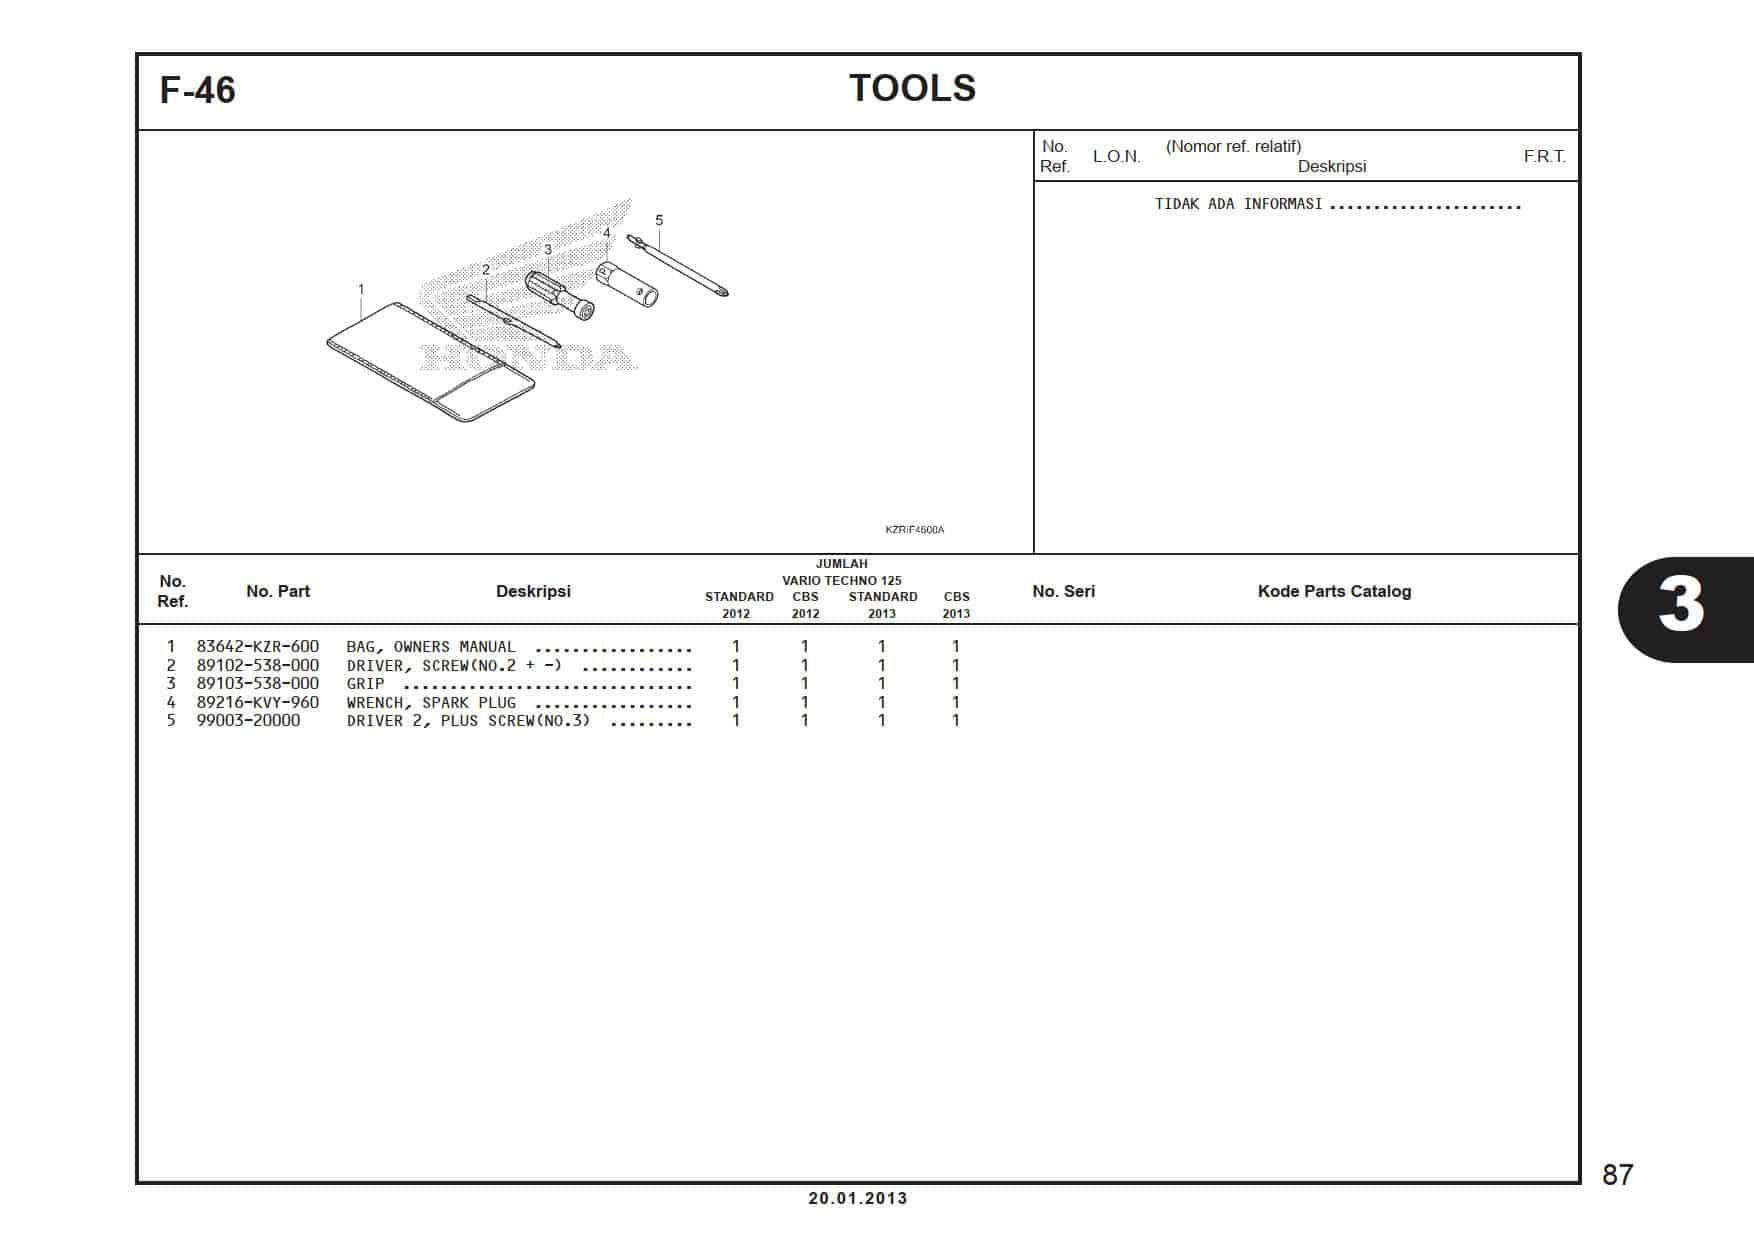 F-46 Tools